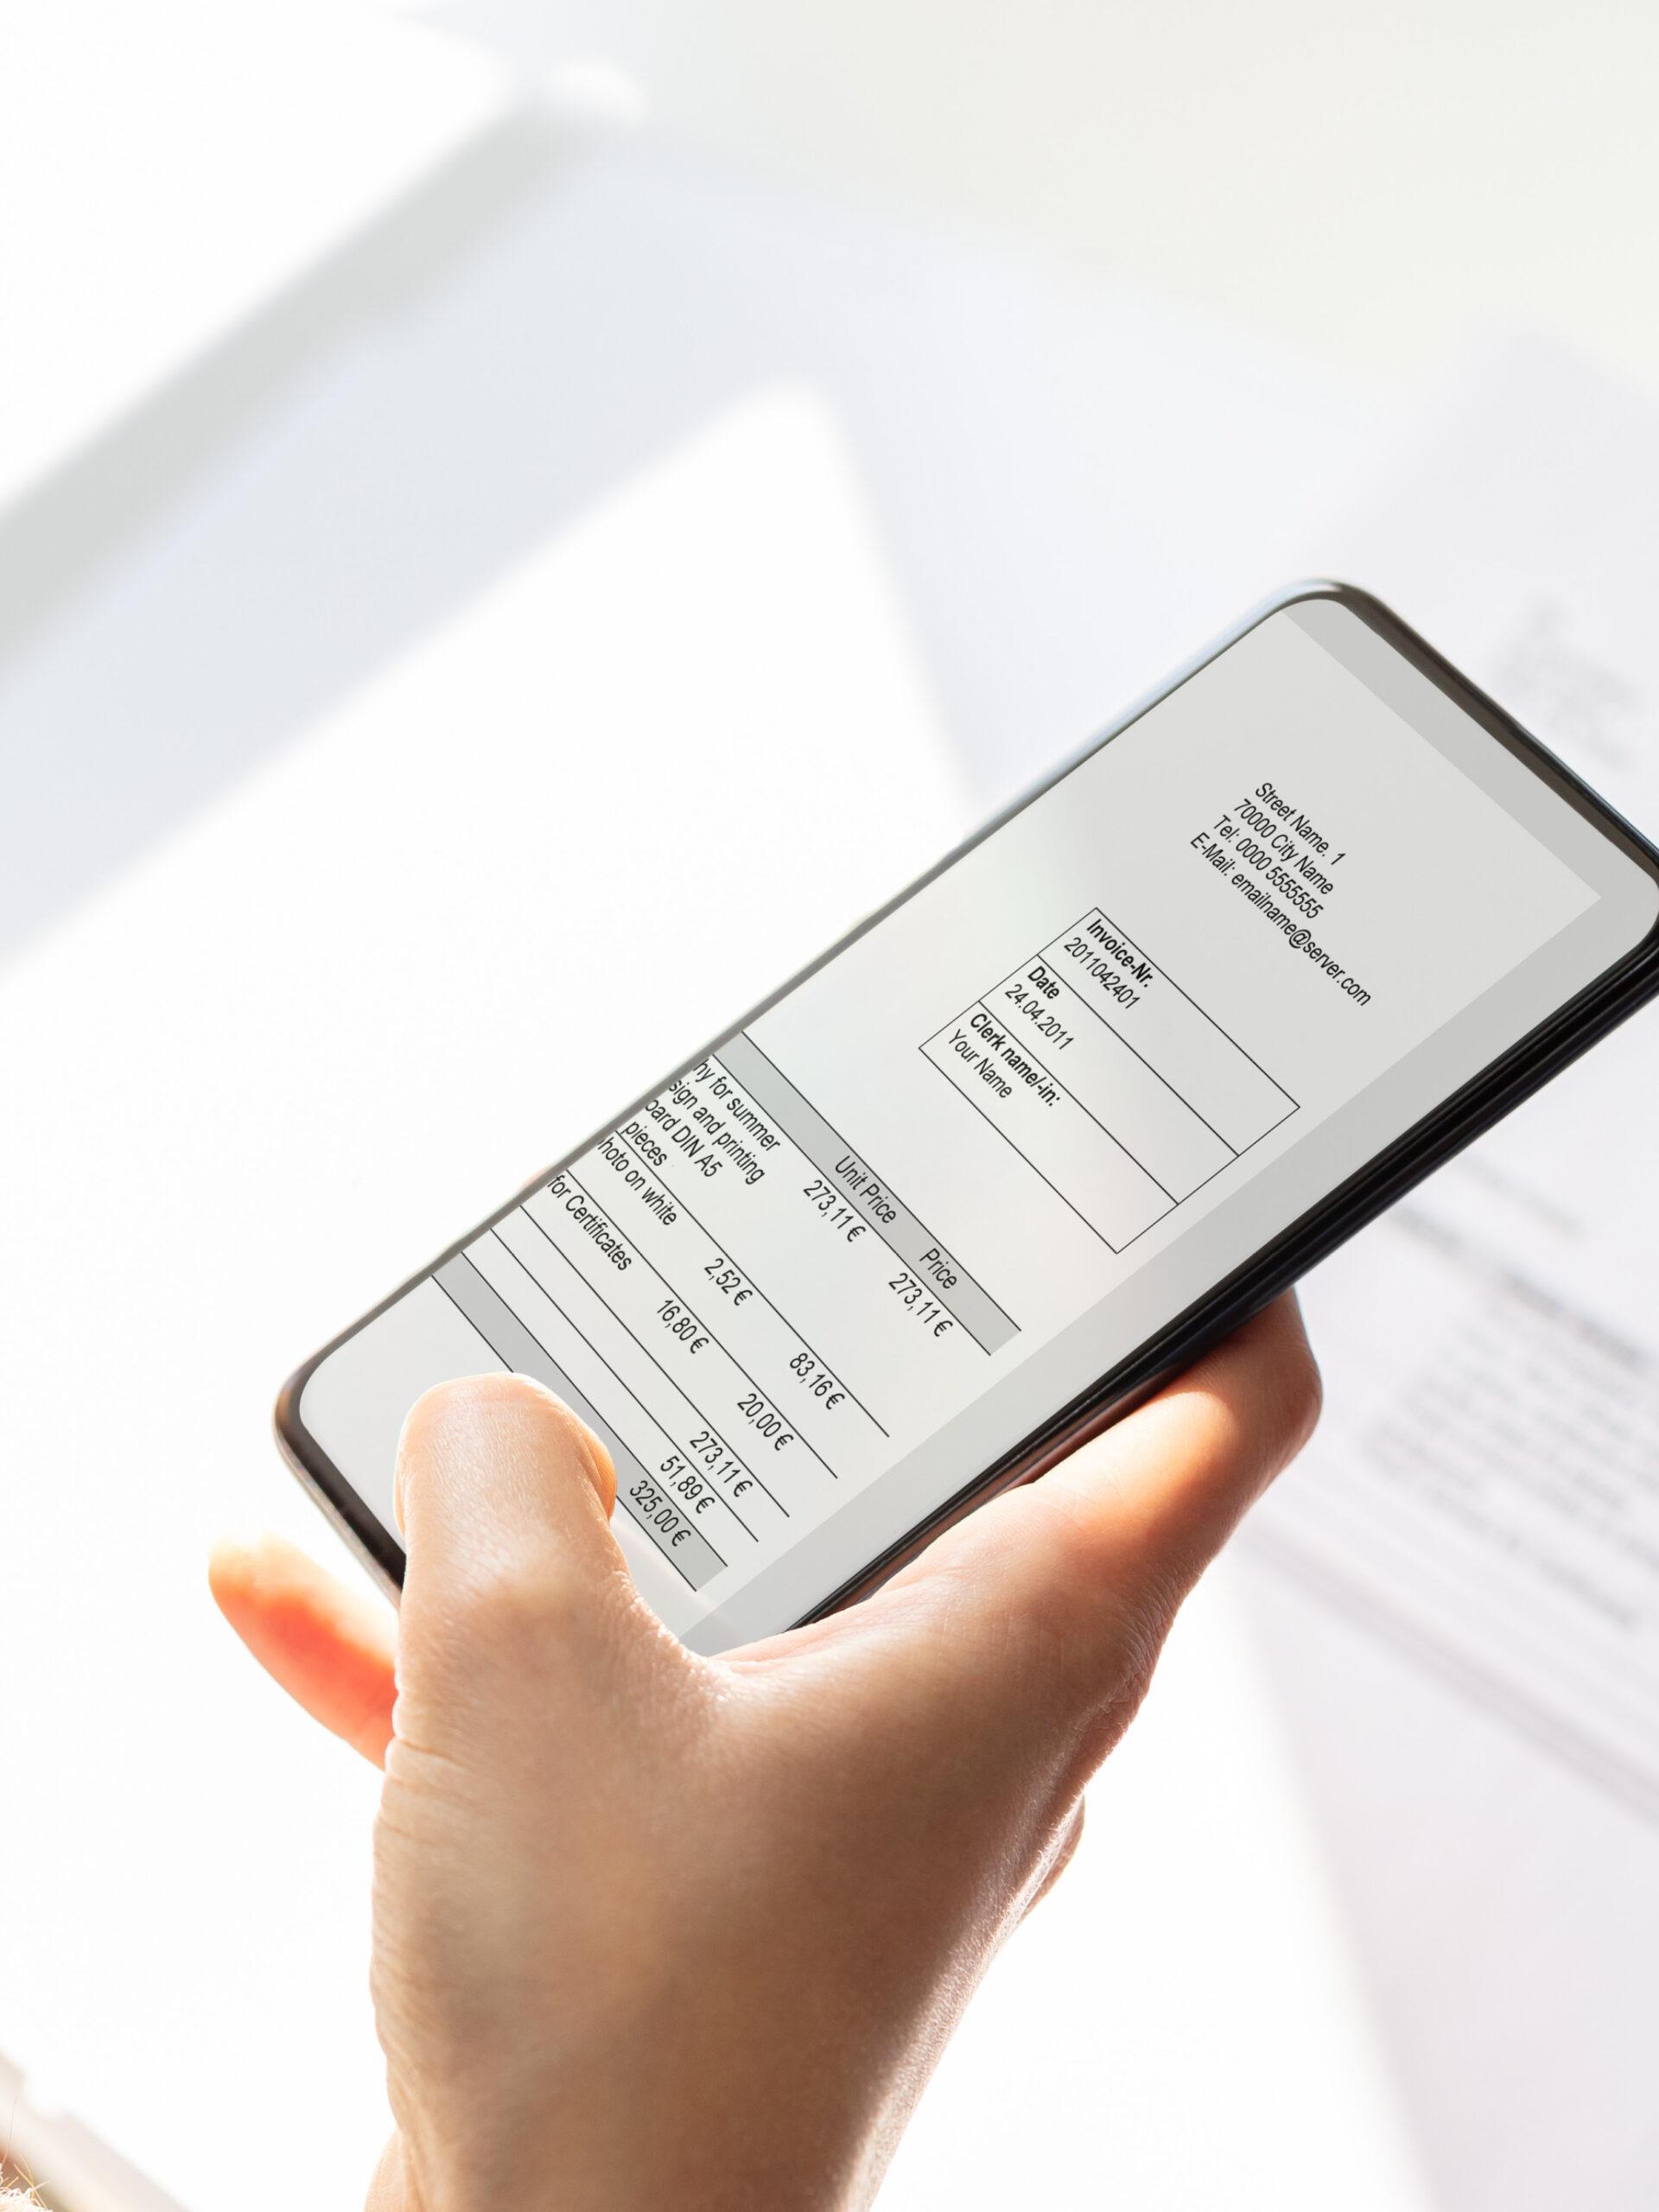 Rechnungen per E-Mails versenden lassen